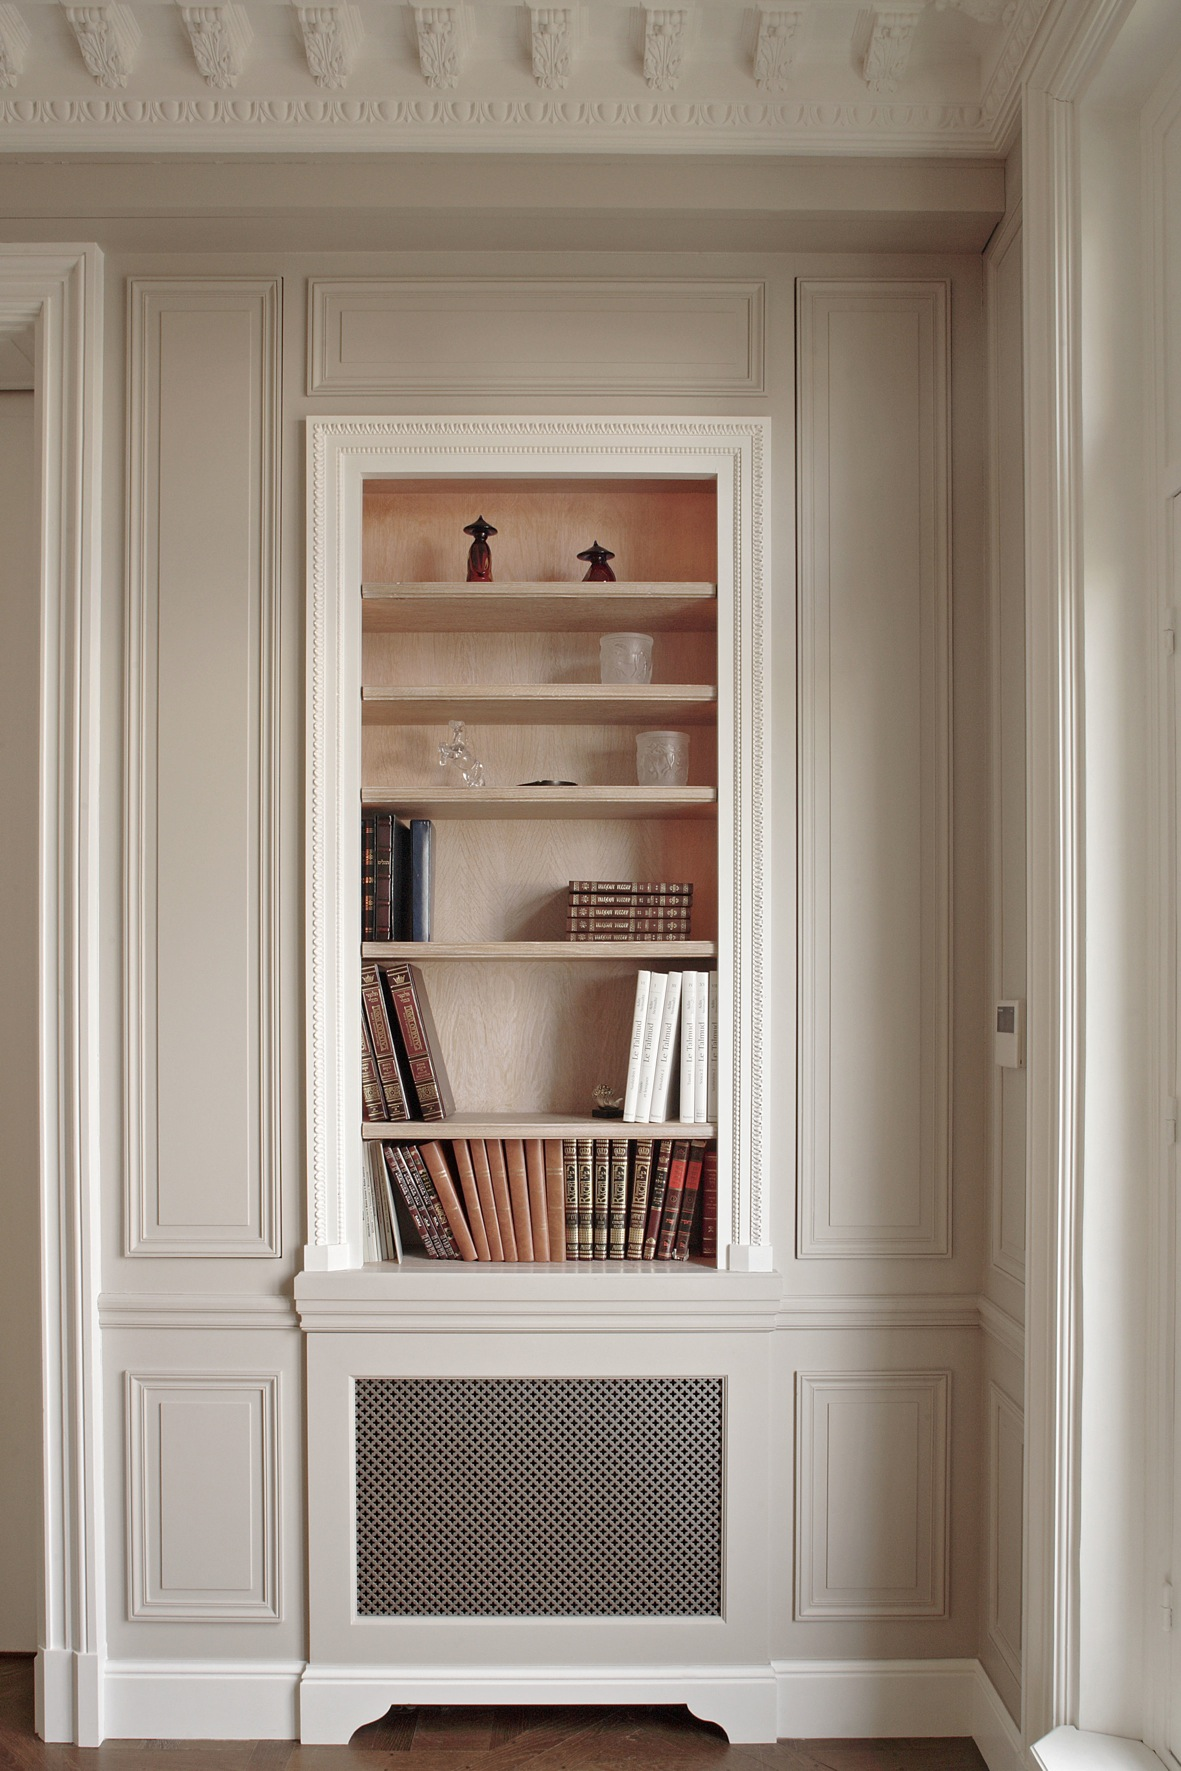 Bibliothèque. Réalisation de l'architecte d'intérieur Olivier Berni.